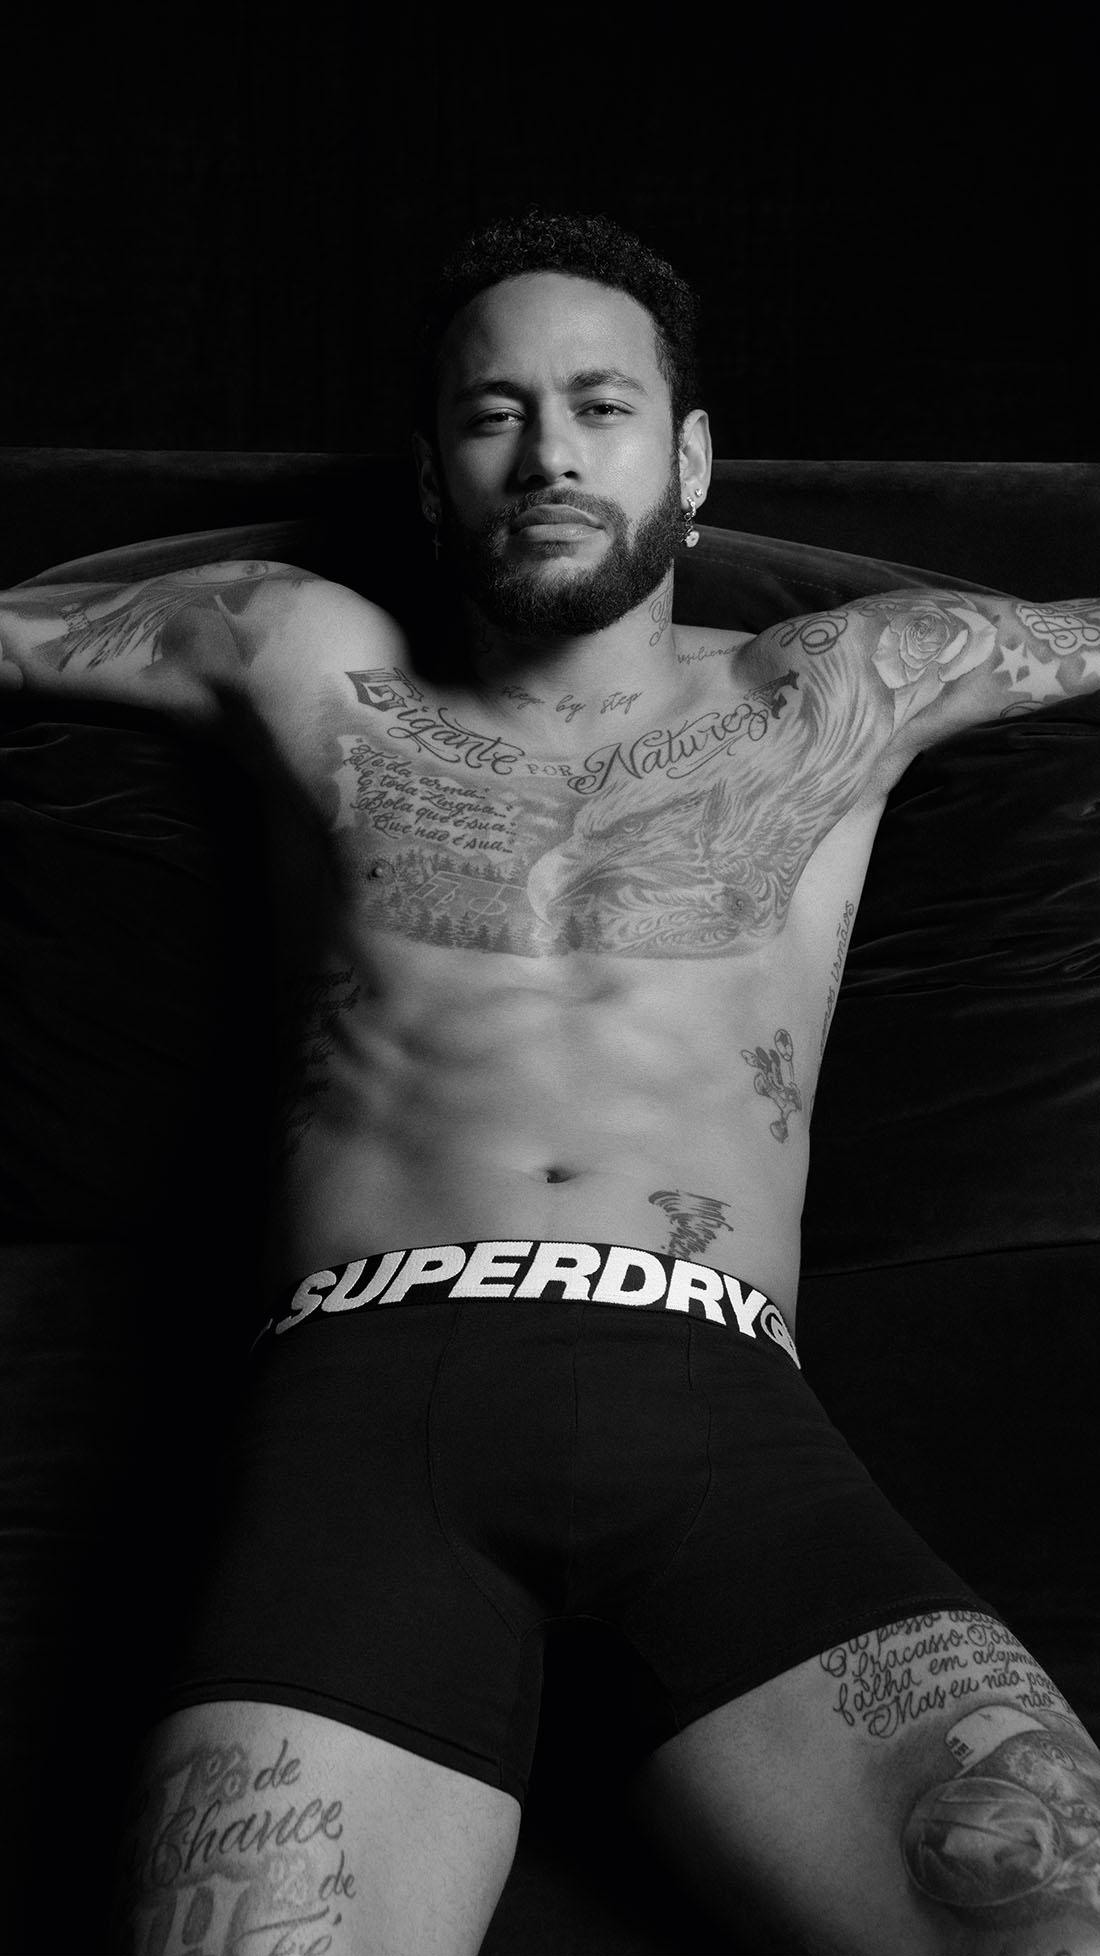 Superdry Underwear x Neymar